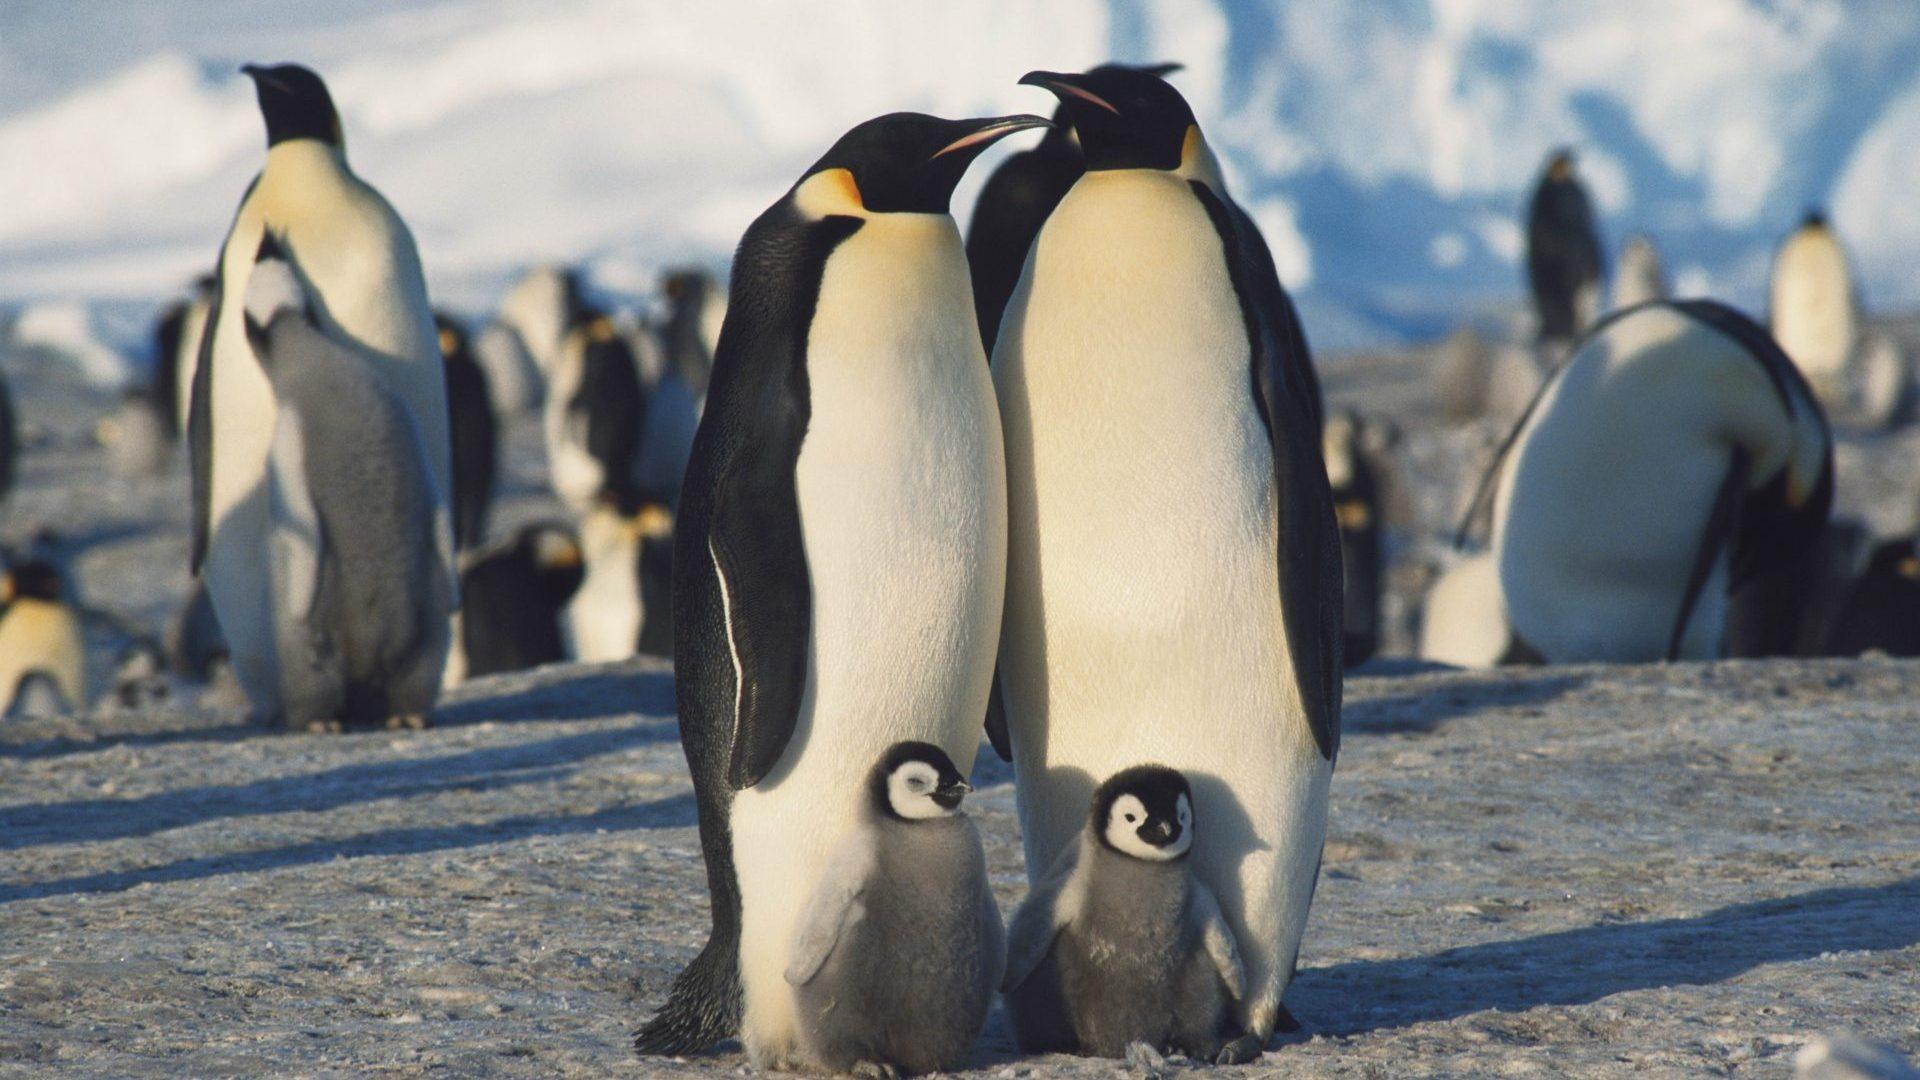 Herd of Emperor Penguins in winter, Antarctica, South Pole with GeoEx